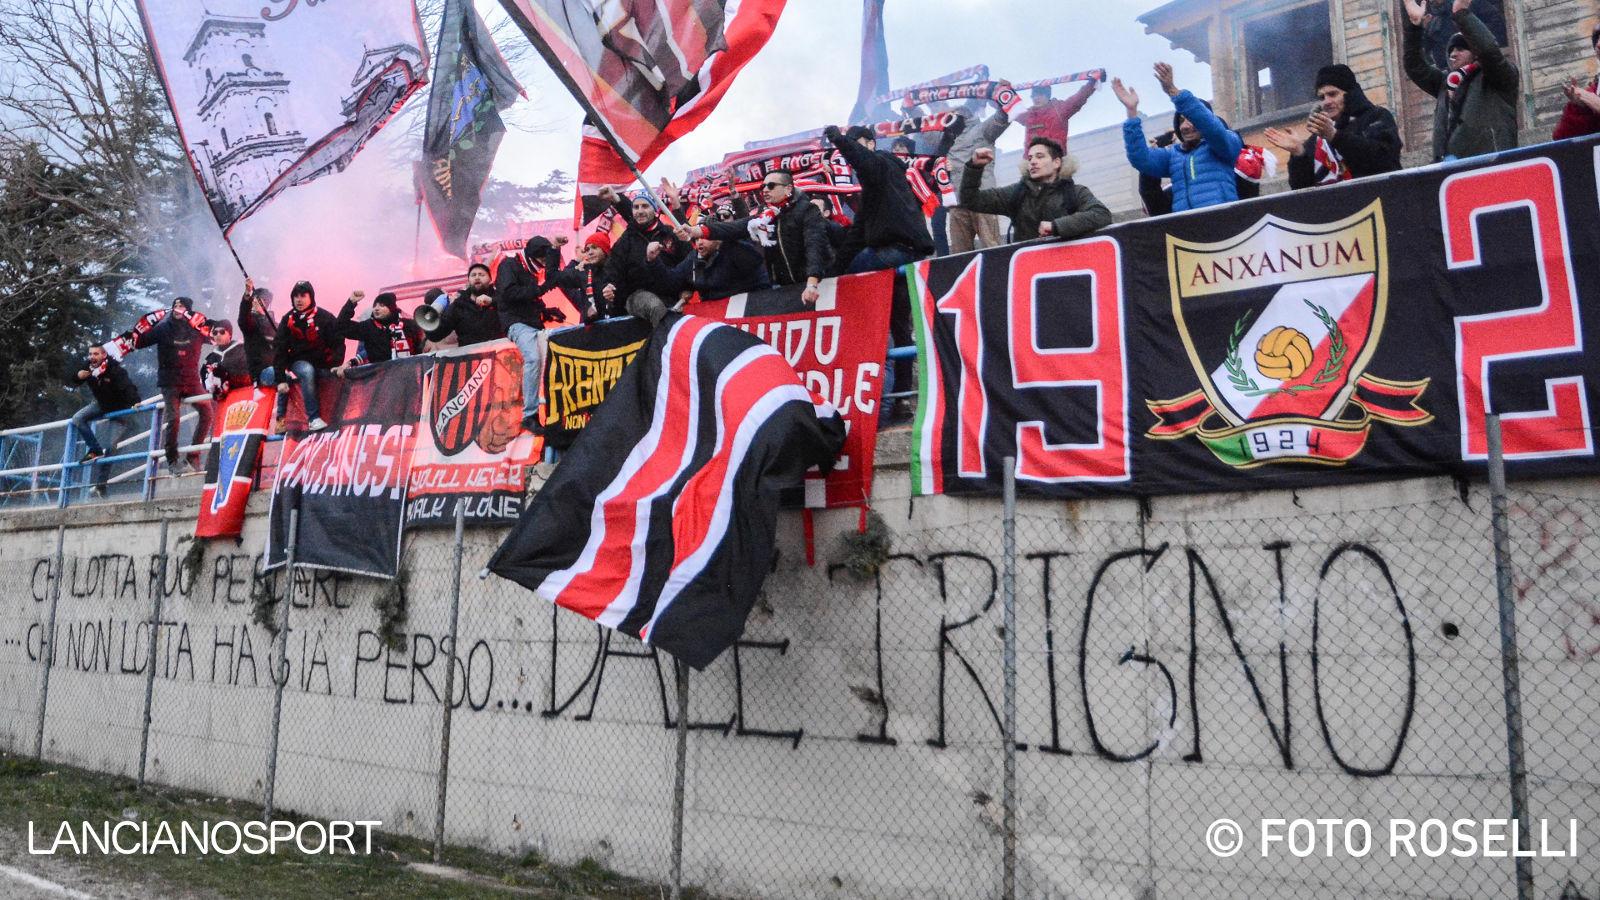 Biglietti in prevendita per San Vito 83-Lanciano